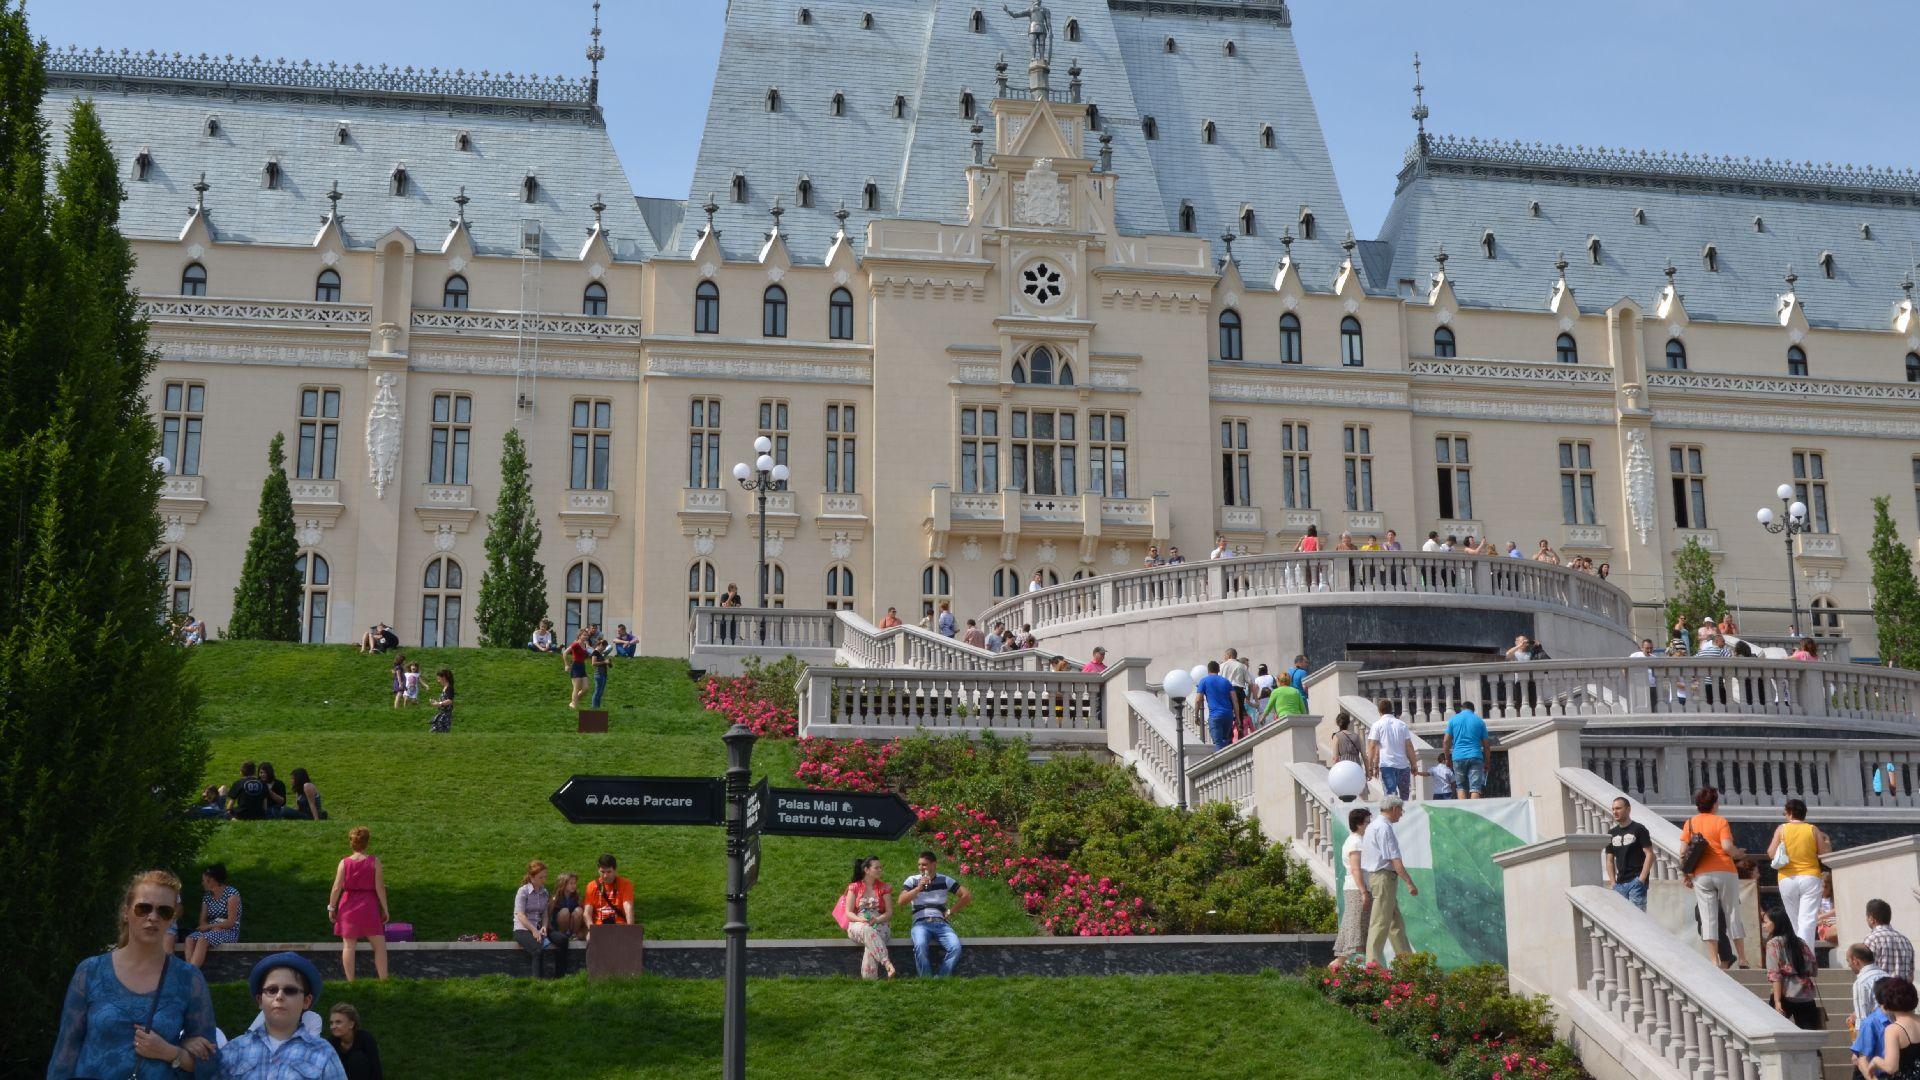 Palatul Culturii, Iasi Castele, Palat, Cultură